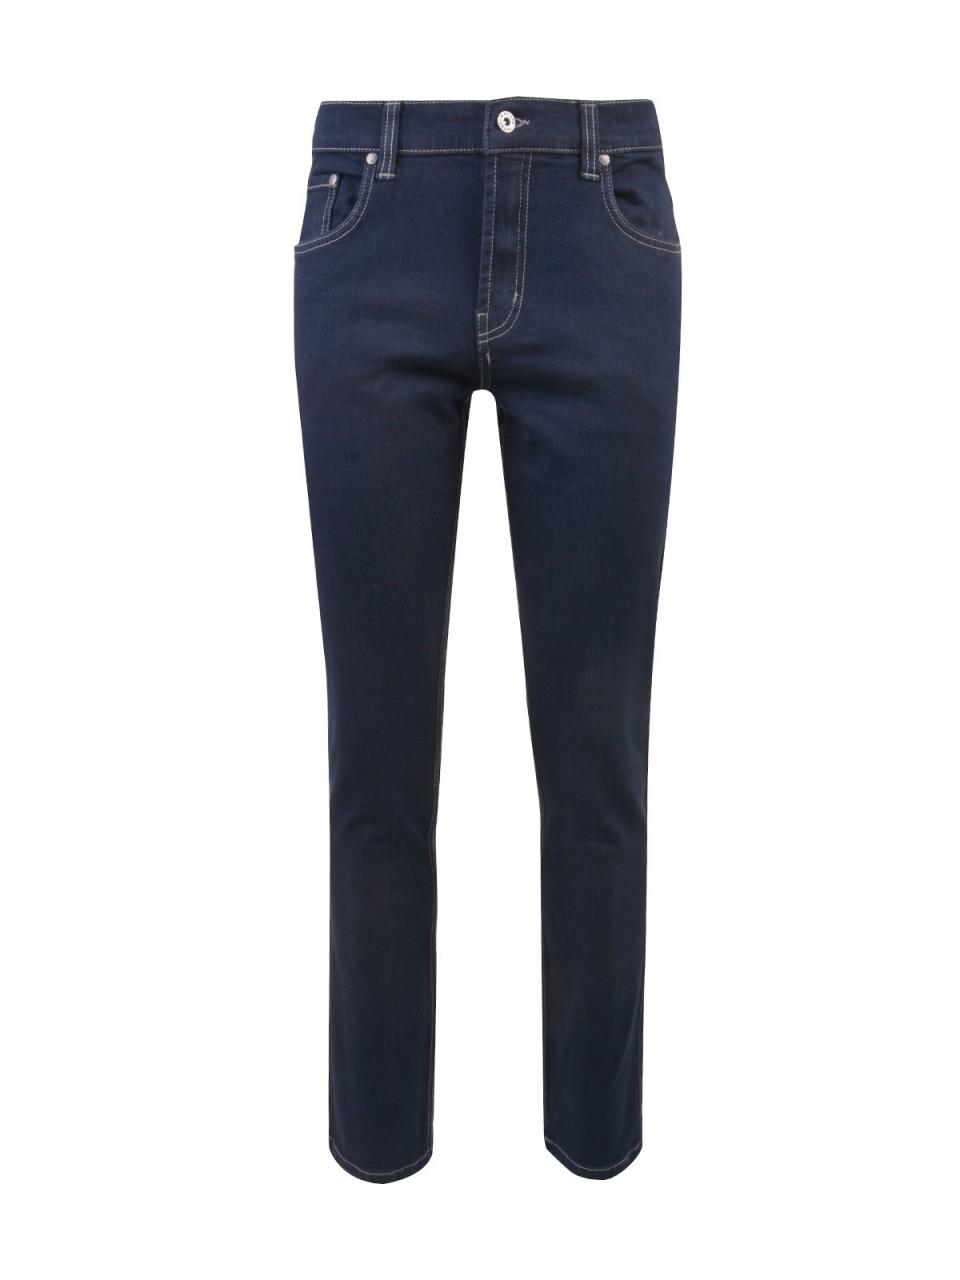 milano-italy-herren-jeans-navy